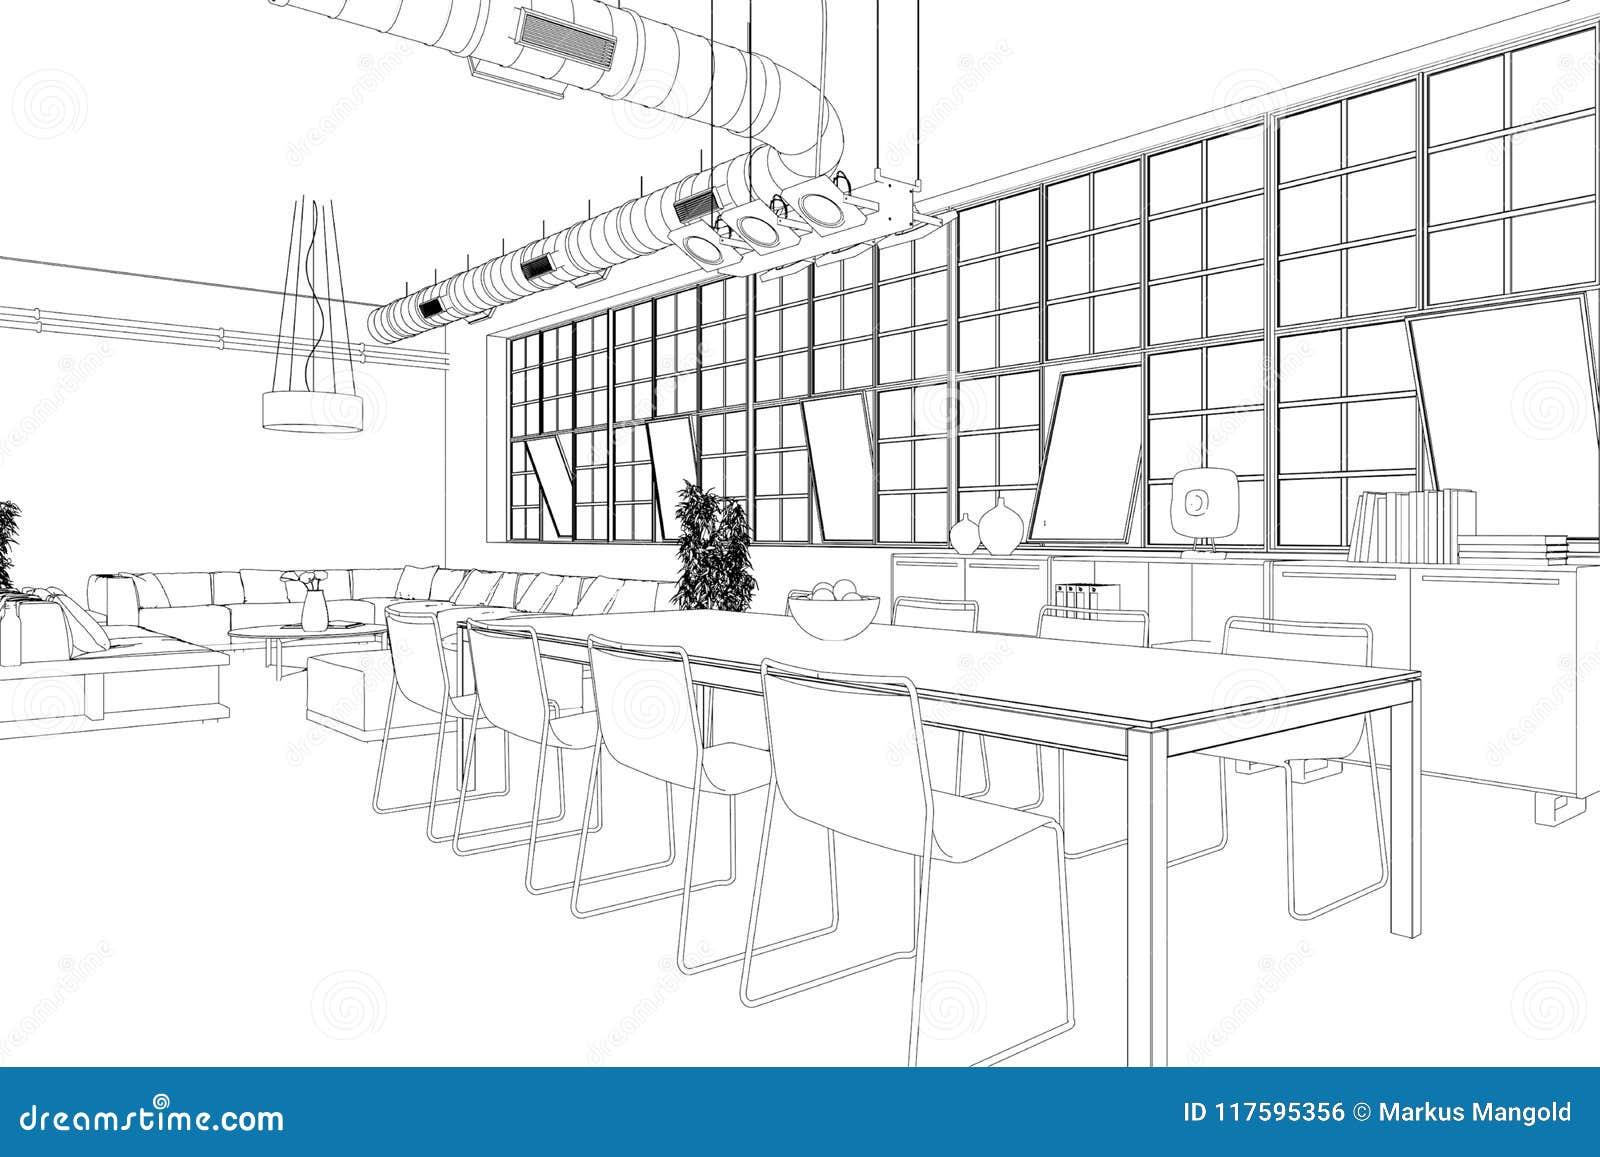 Interior Design Modern Loft Dining Room Custom Drawing Stock